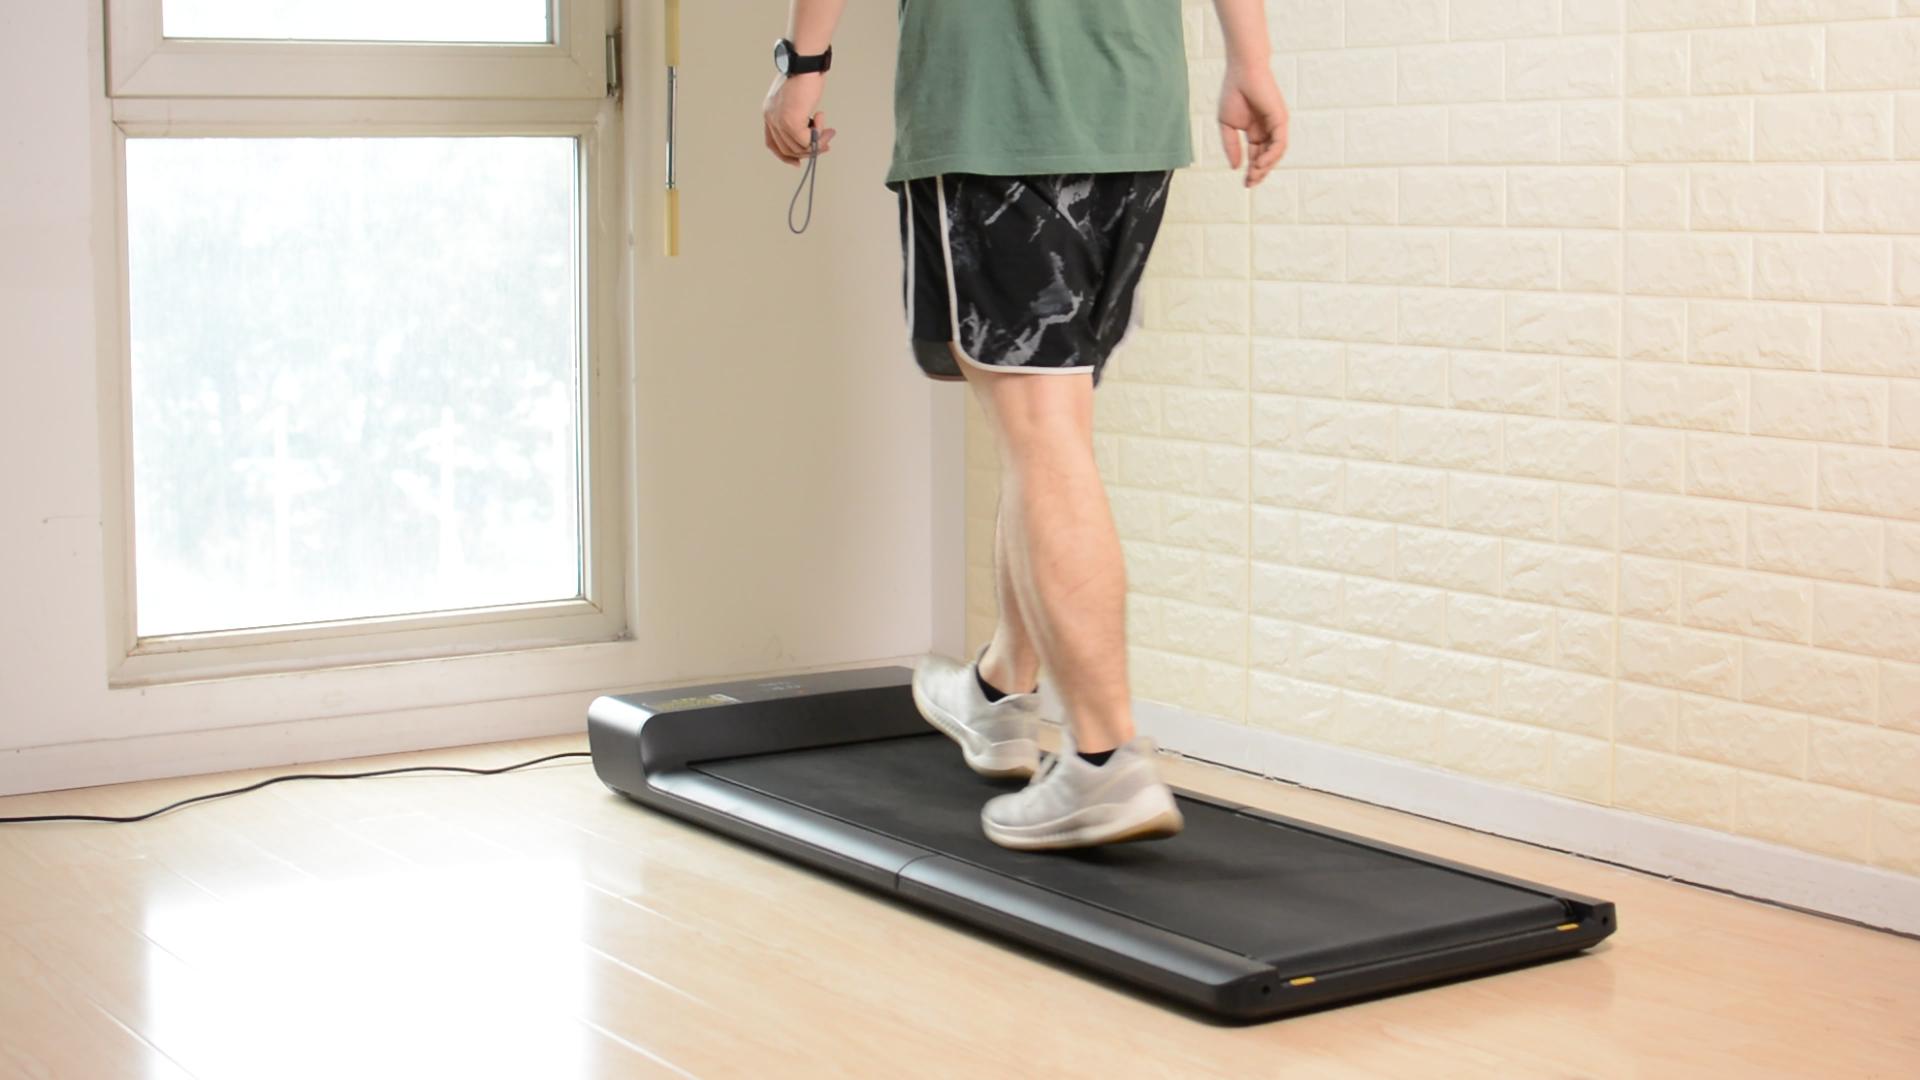 小米生态链超实用神器 WalkingPad走步机 A1 Pro体验